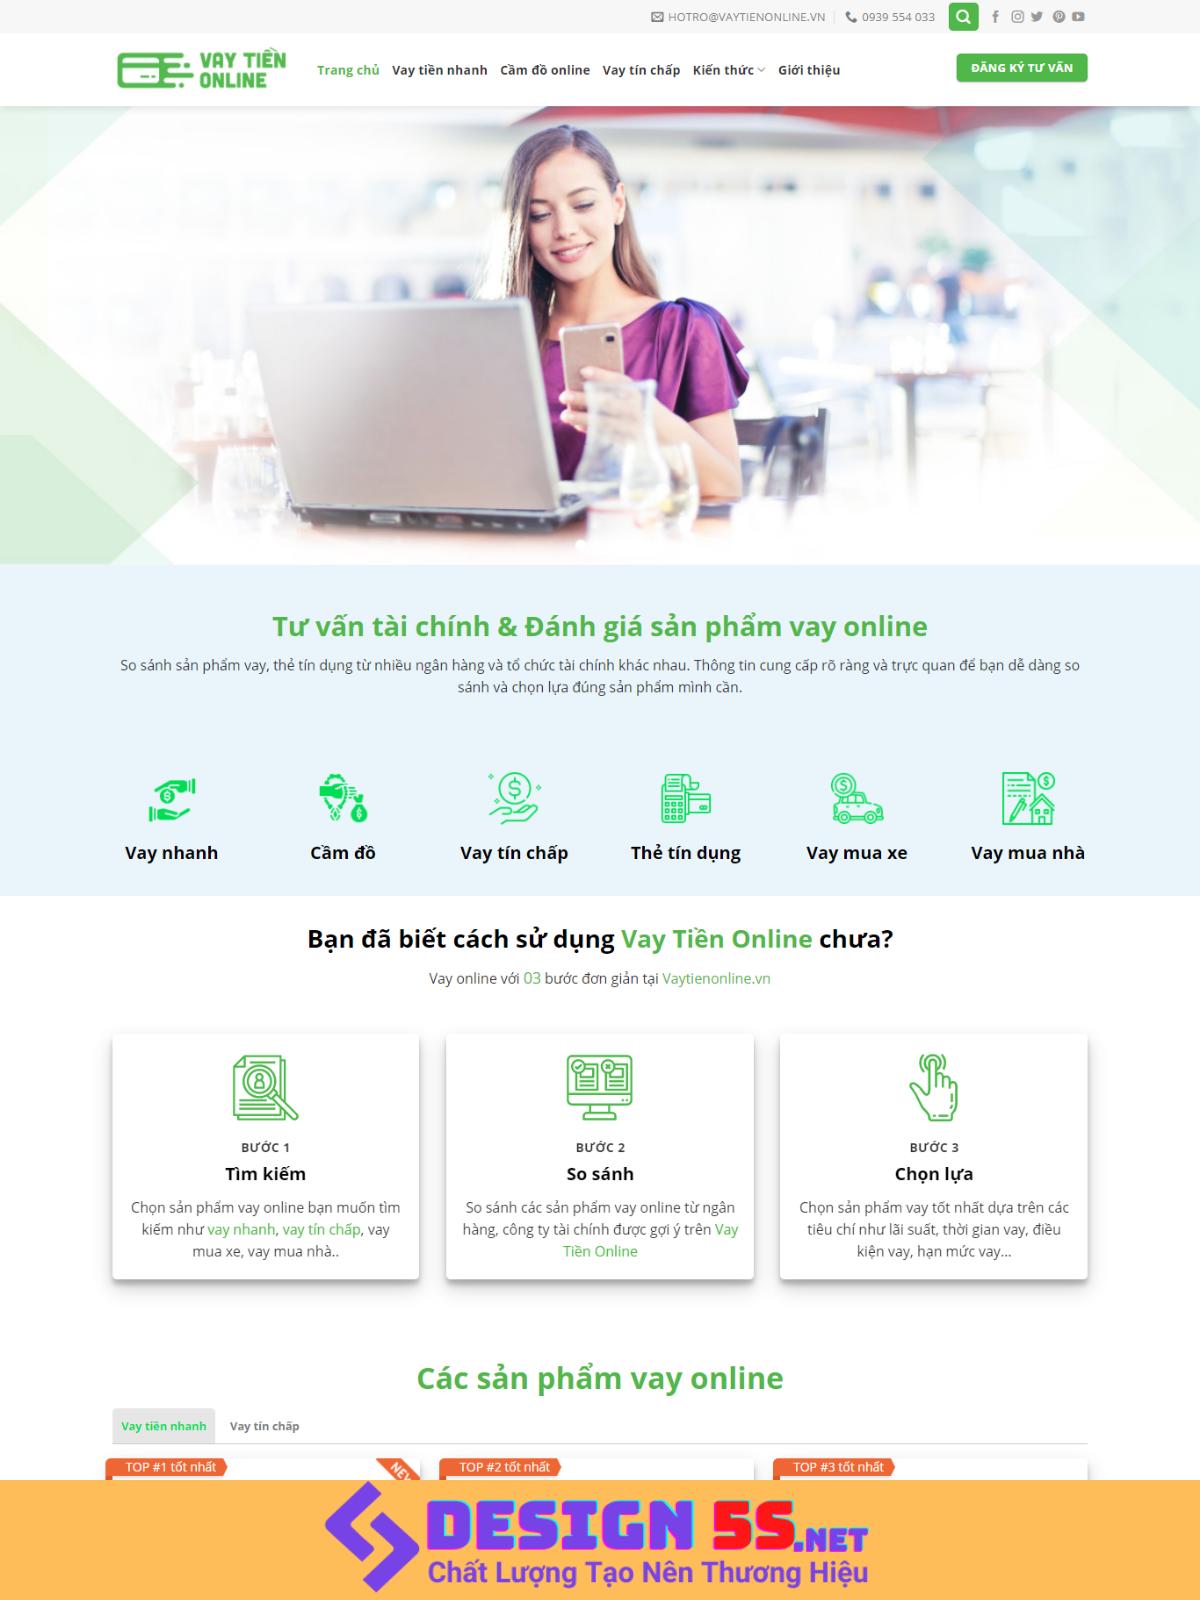 Template blogspot dịch vụ cho vay tiền online VSM76